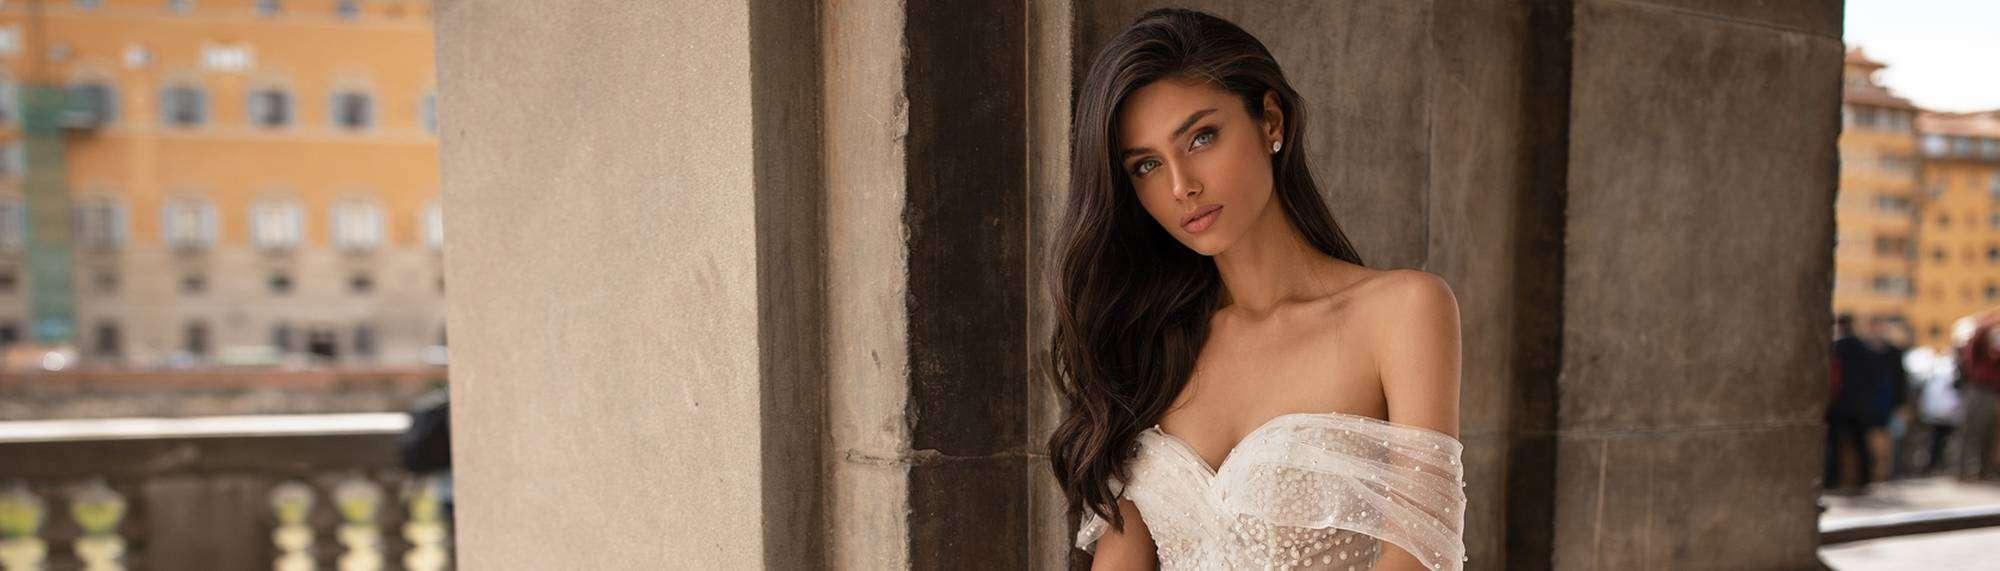 Dein Brautkleid der Kollektion 2020 von White and Night